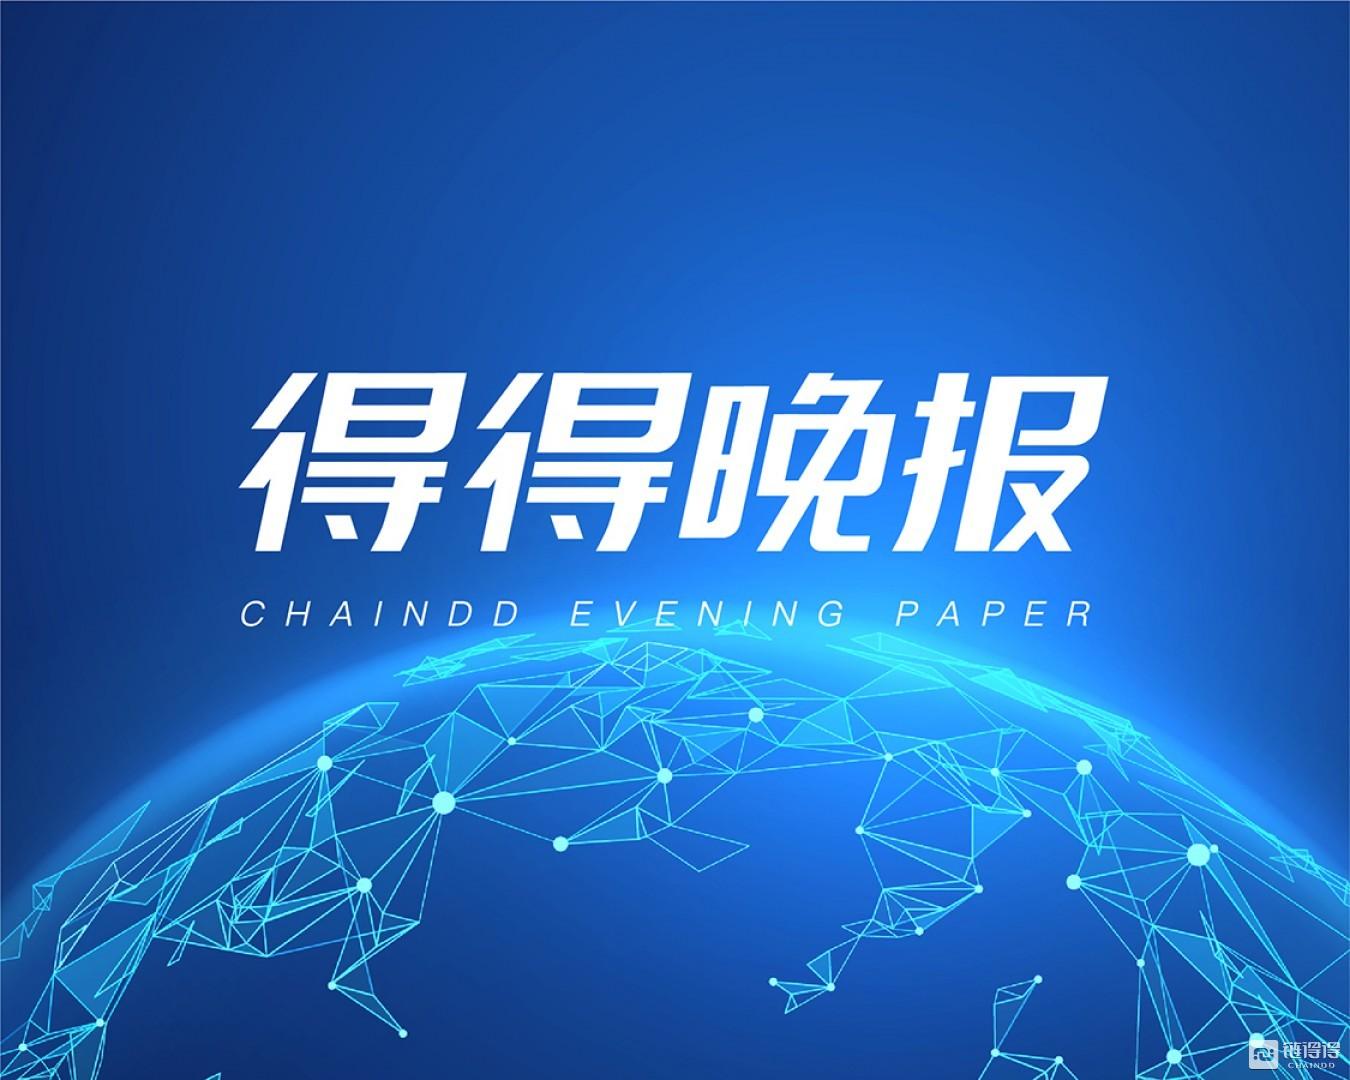 【链得得晚报】香港金管局或与泰国银行研究央行数字货币项目